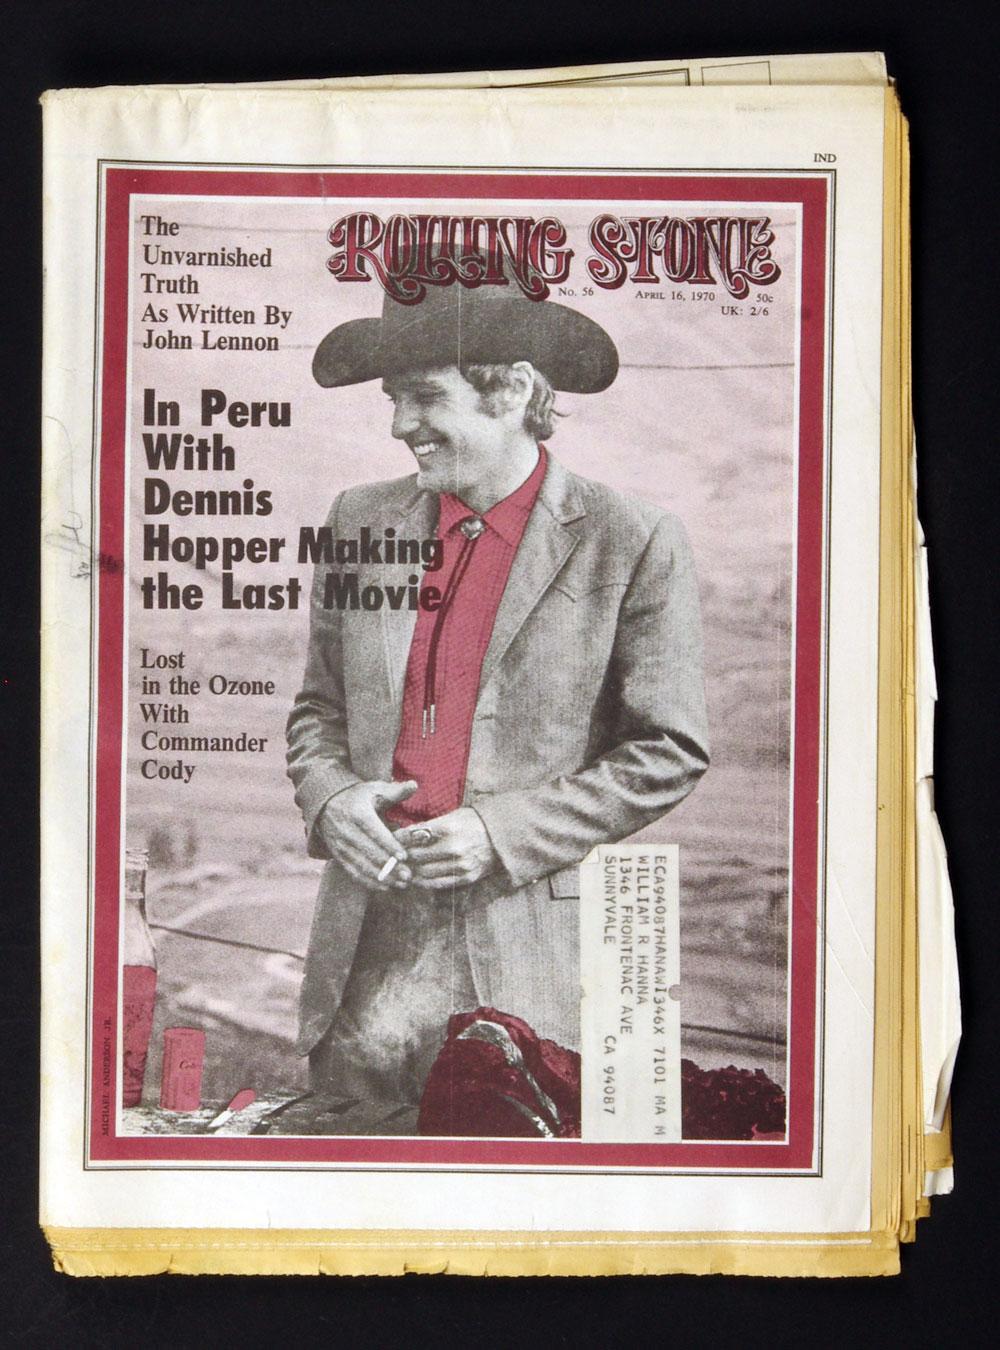 Rolling Stone Magazine 1970 Apr 16 No.56 Dennis Hopper